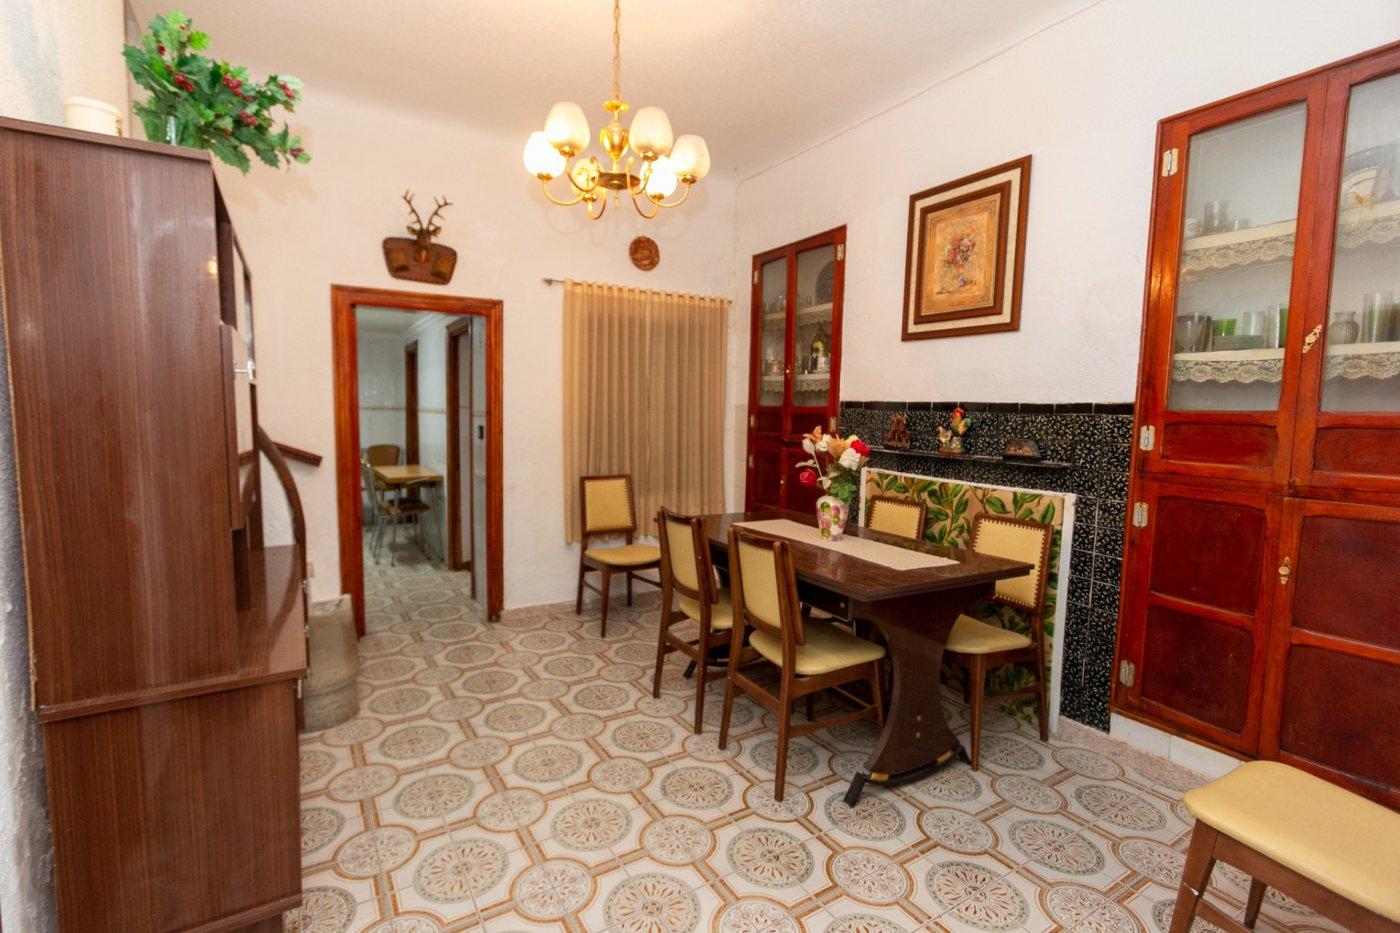 Casa situada en onil en casco antigÜo - imagenInmueble7